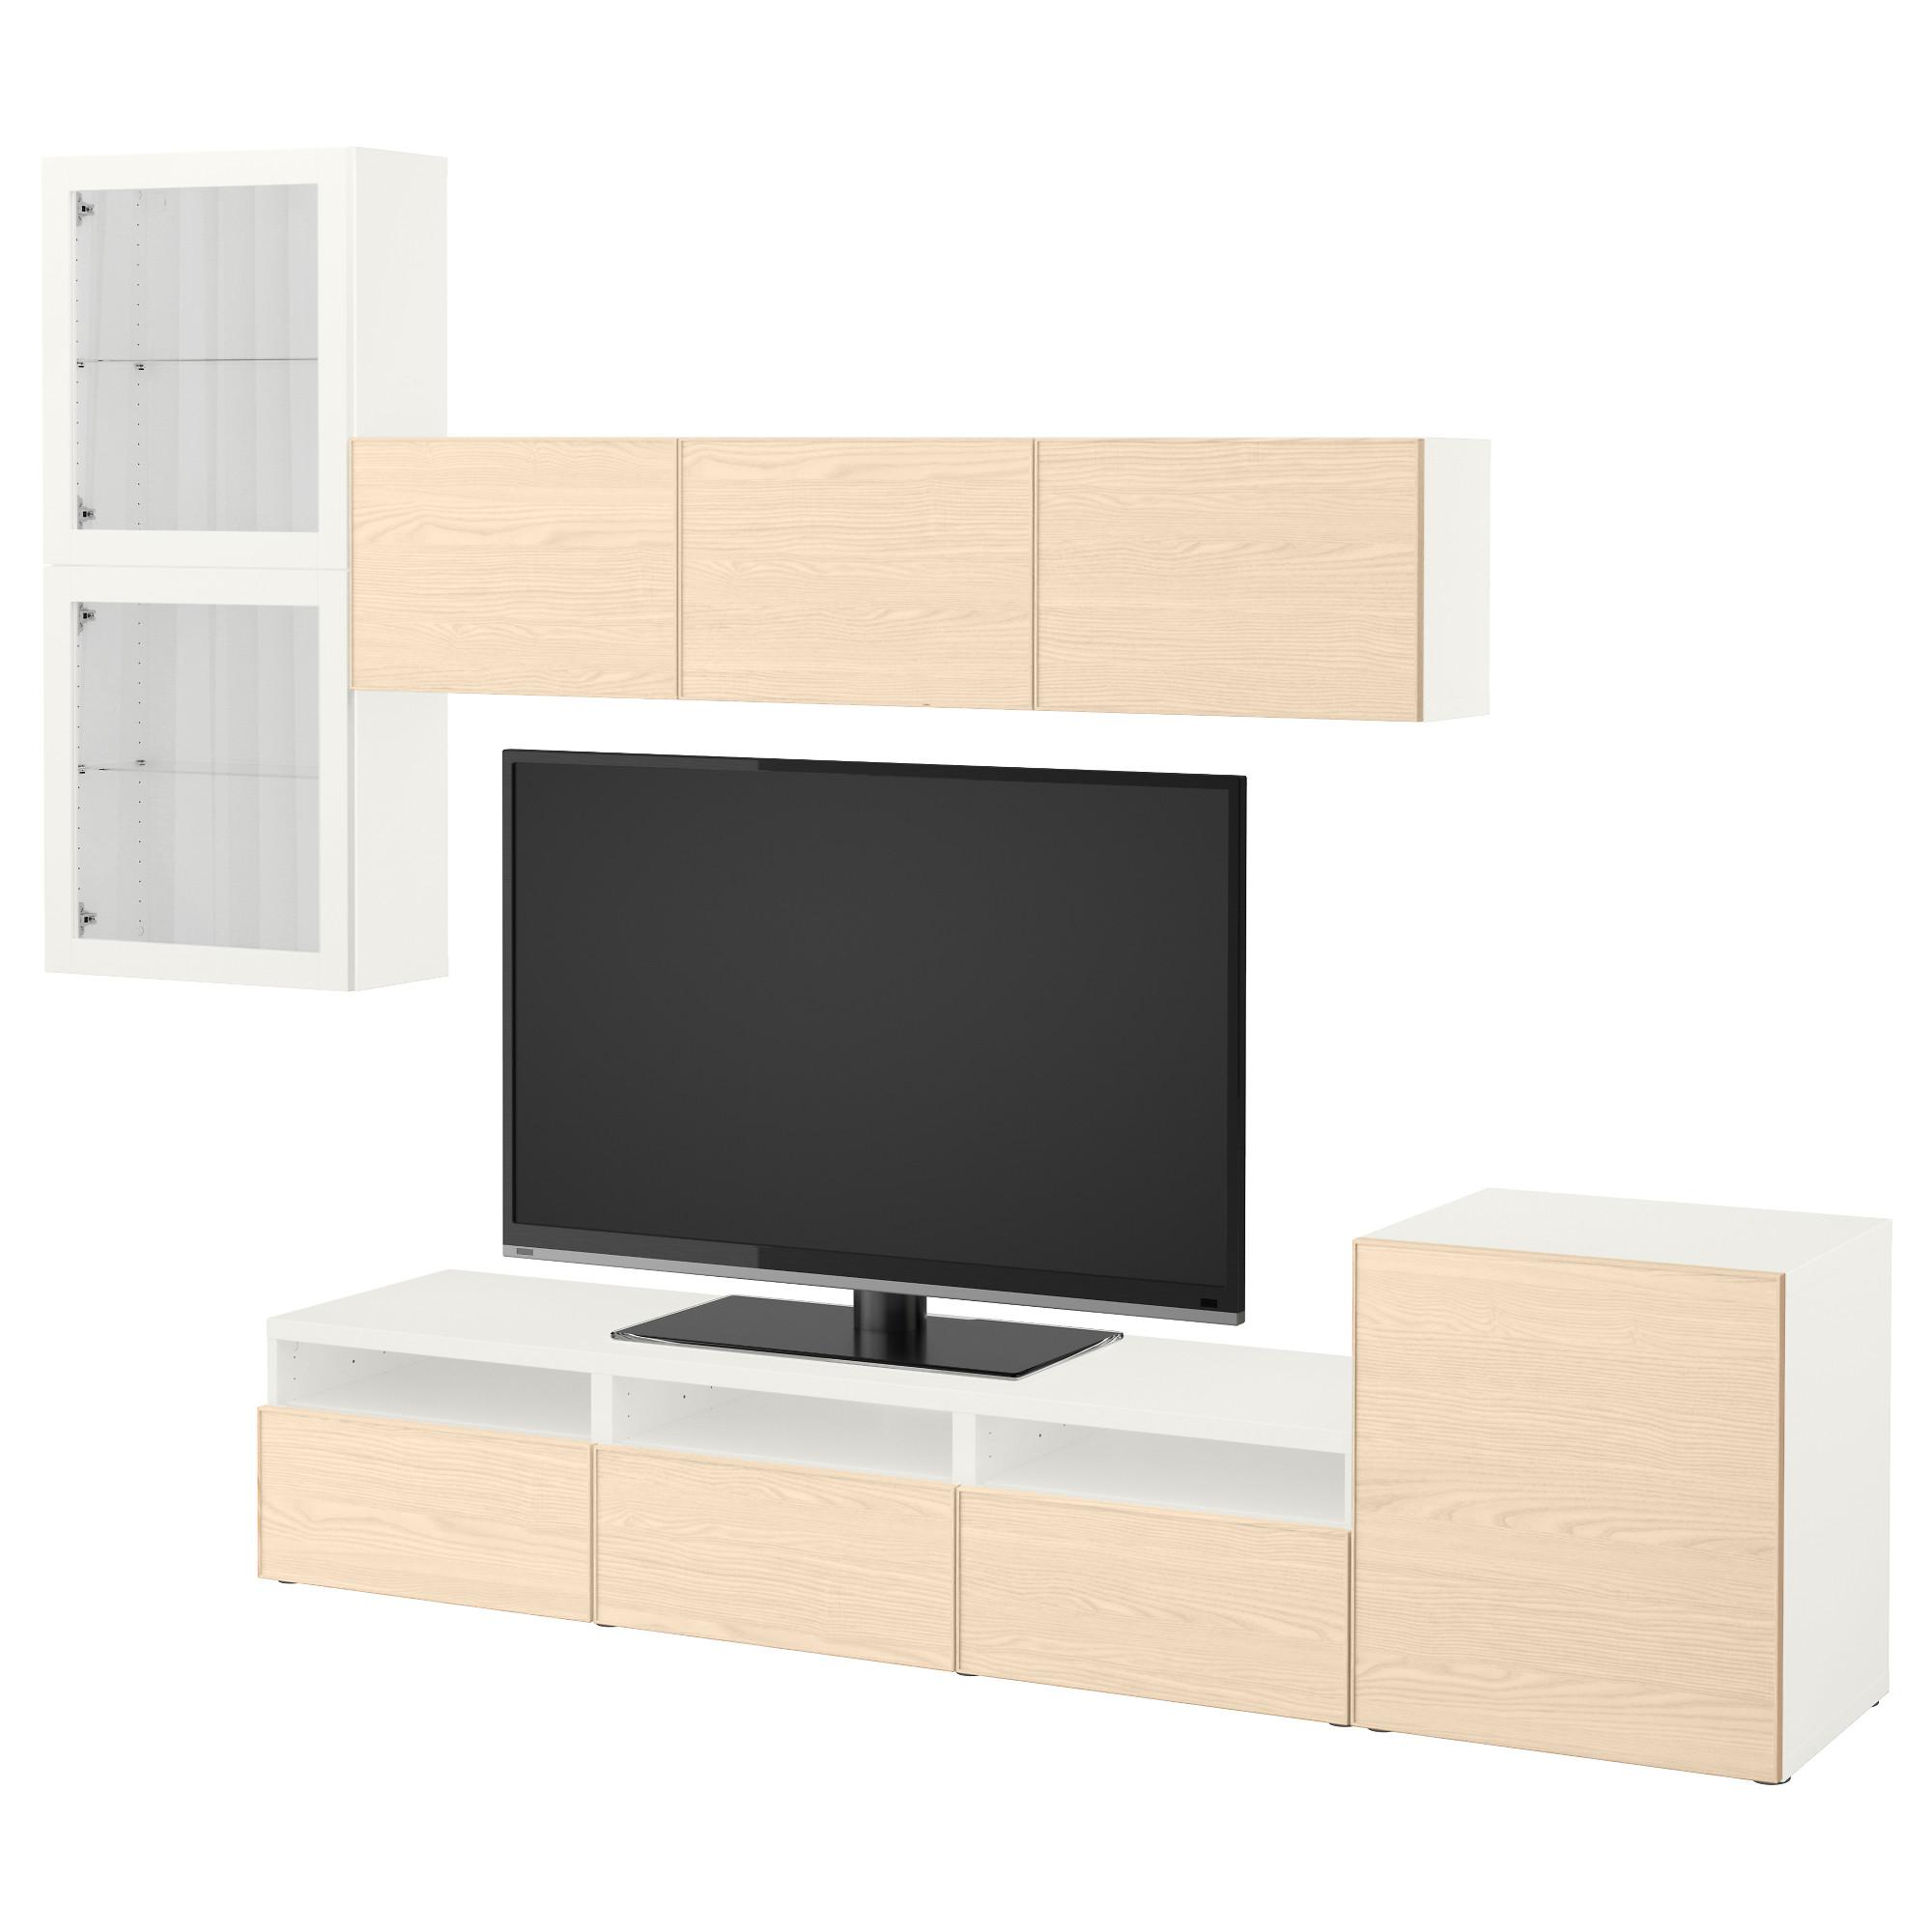 Шкаф для ТВ, комбинированный, стекляные дверцы БЕСТО белый артикуль № 892.522.16 в наличии. Онлайн магазин ИКЕА РБ. Быстрая доставка и соборка.